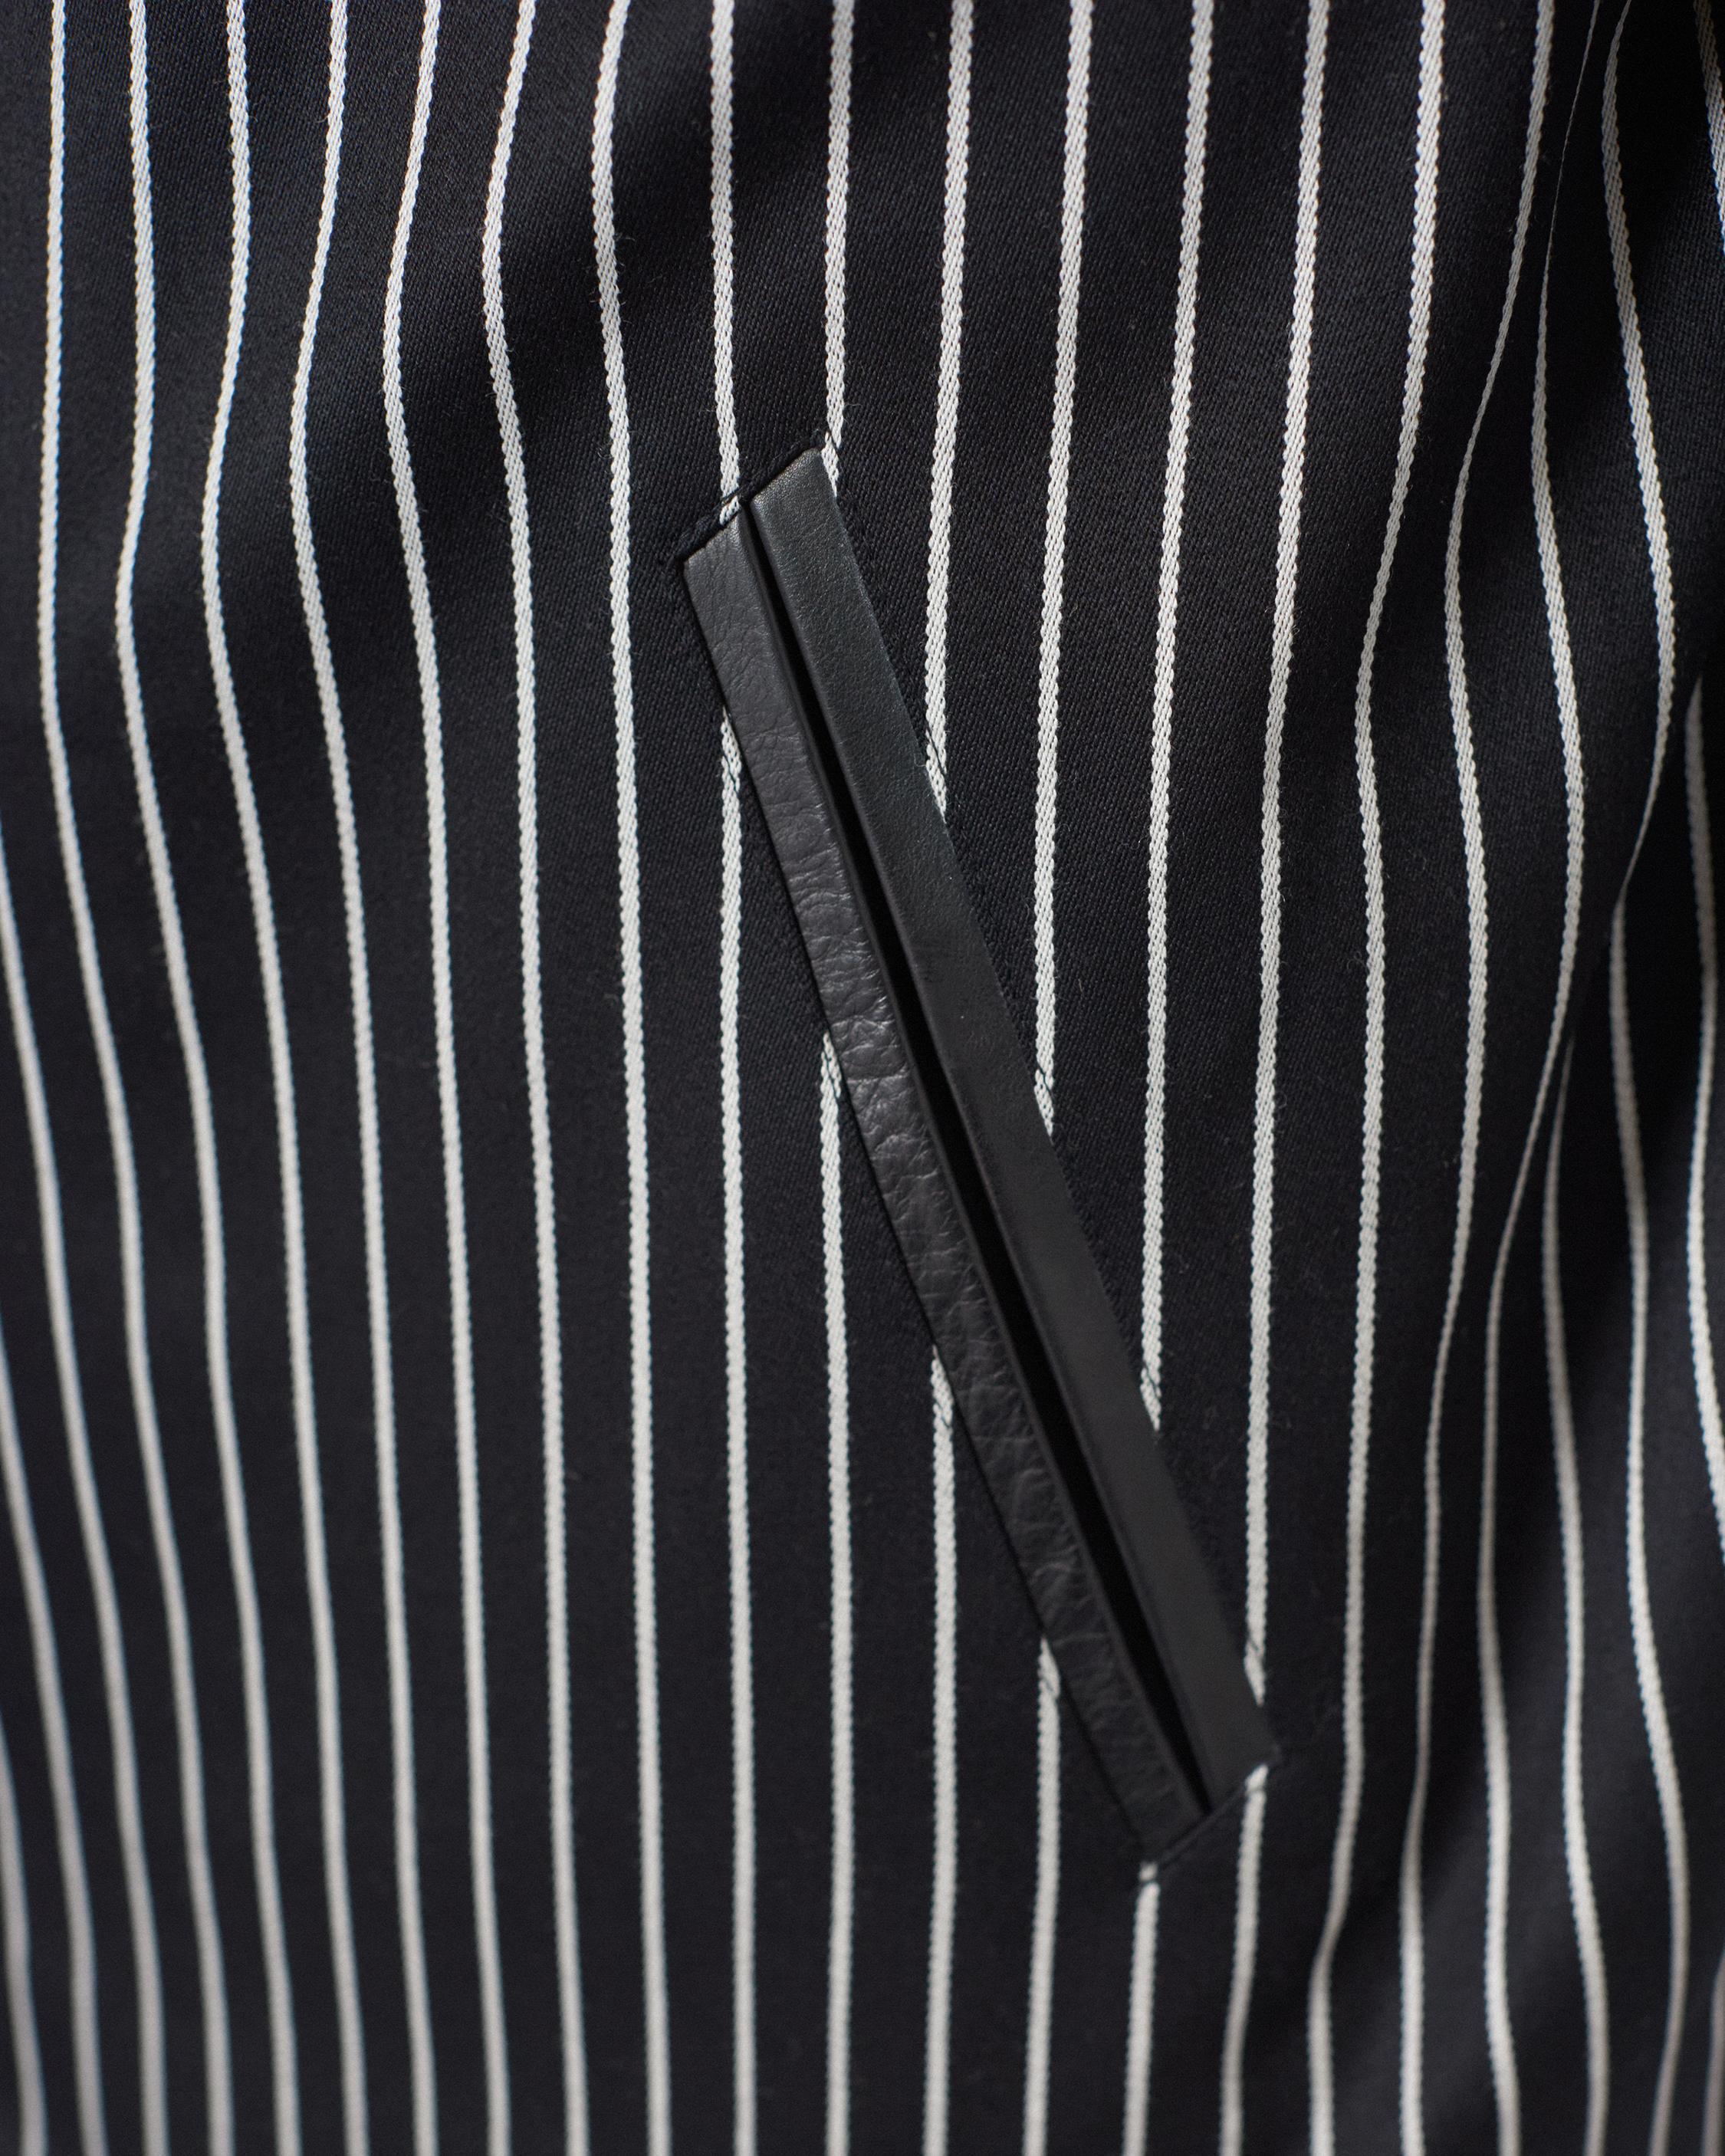 Rag & Bone Leather Irving Jacket in Black/White (Black) for Men